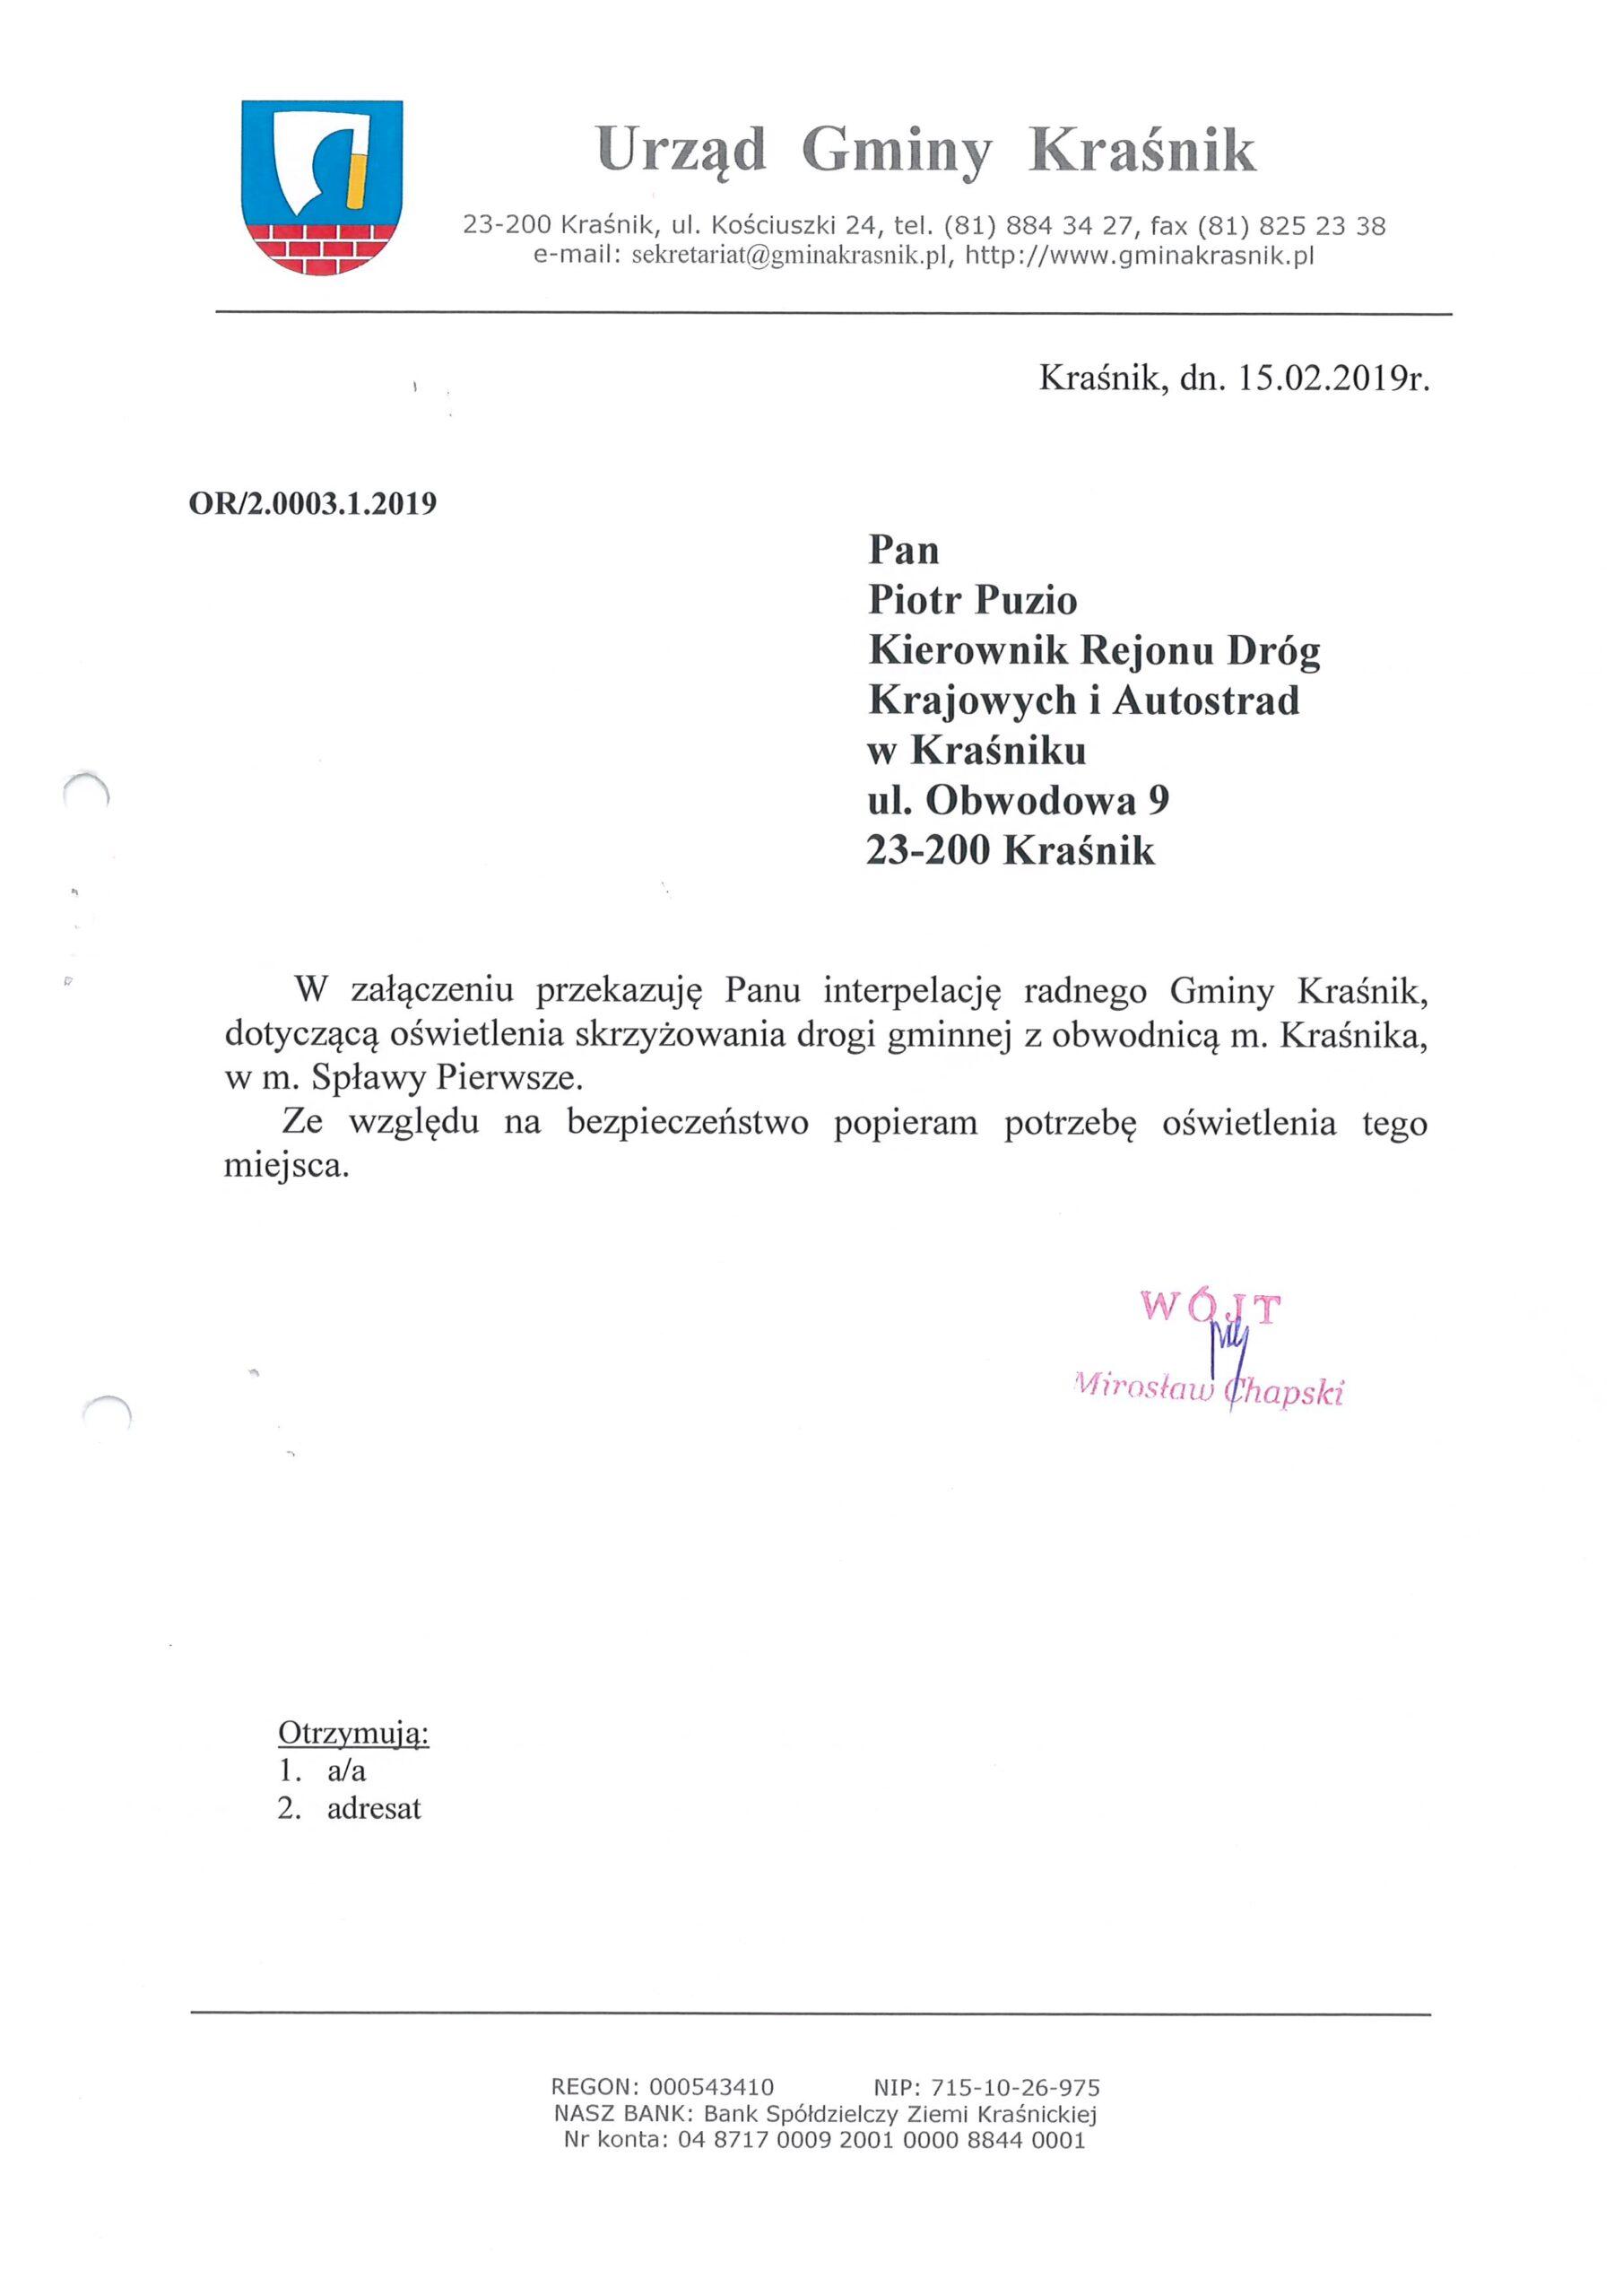 Piotr Puzio